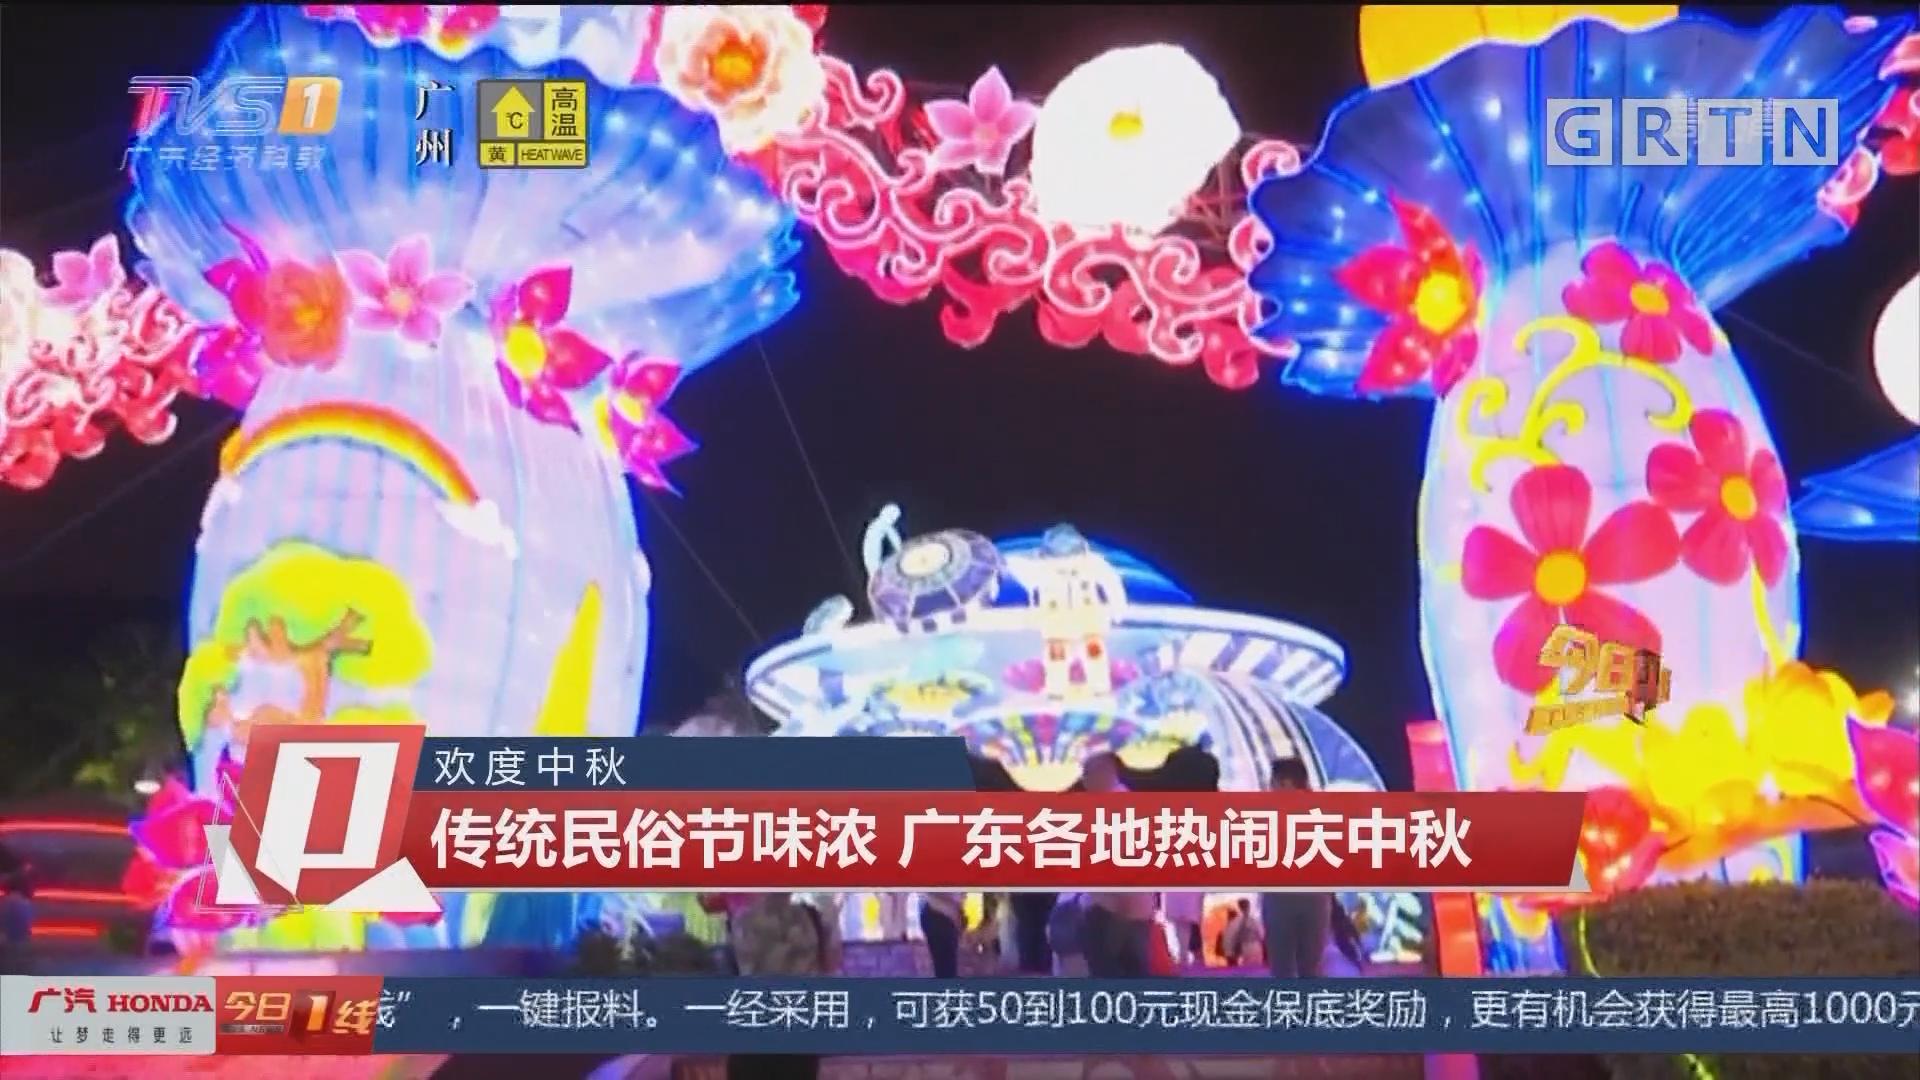 欢度中秋:传统民俗节味浓 广东各地热闹庆中秋